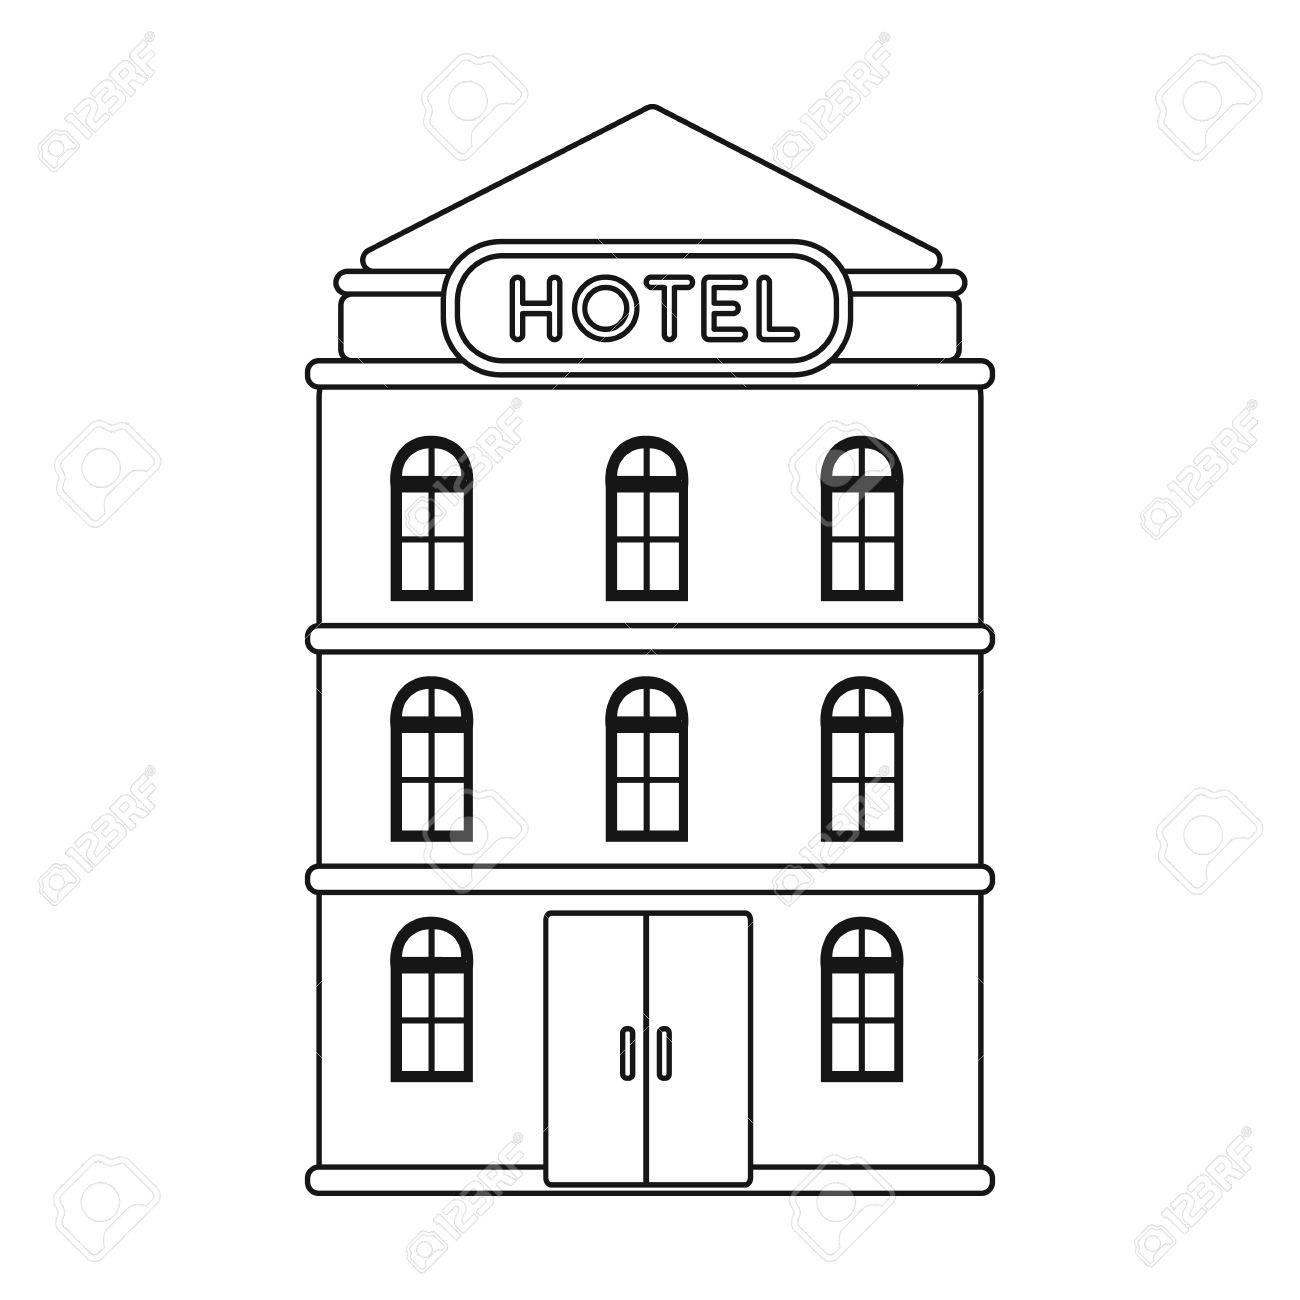 Icono Del Edificio Hotel En El Estilo De Contorno Aislado Sobre